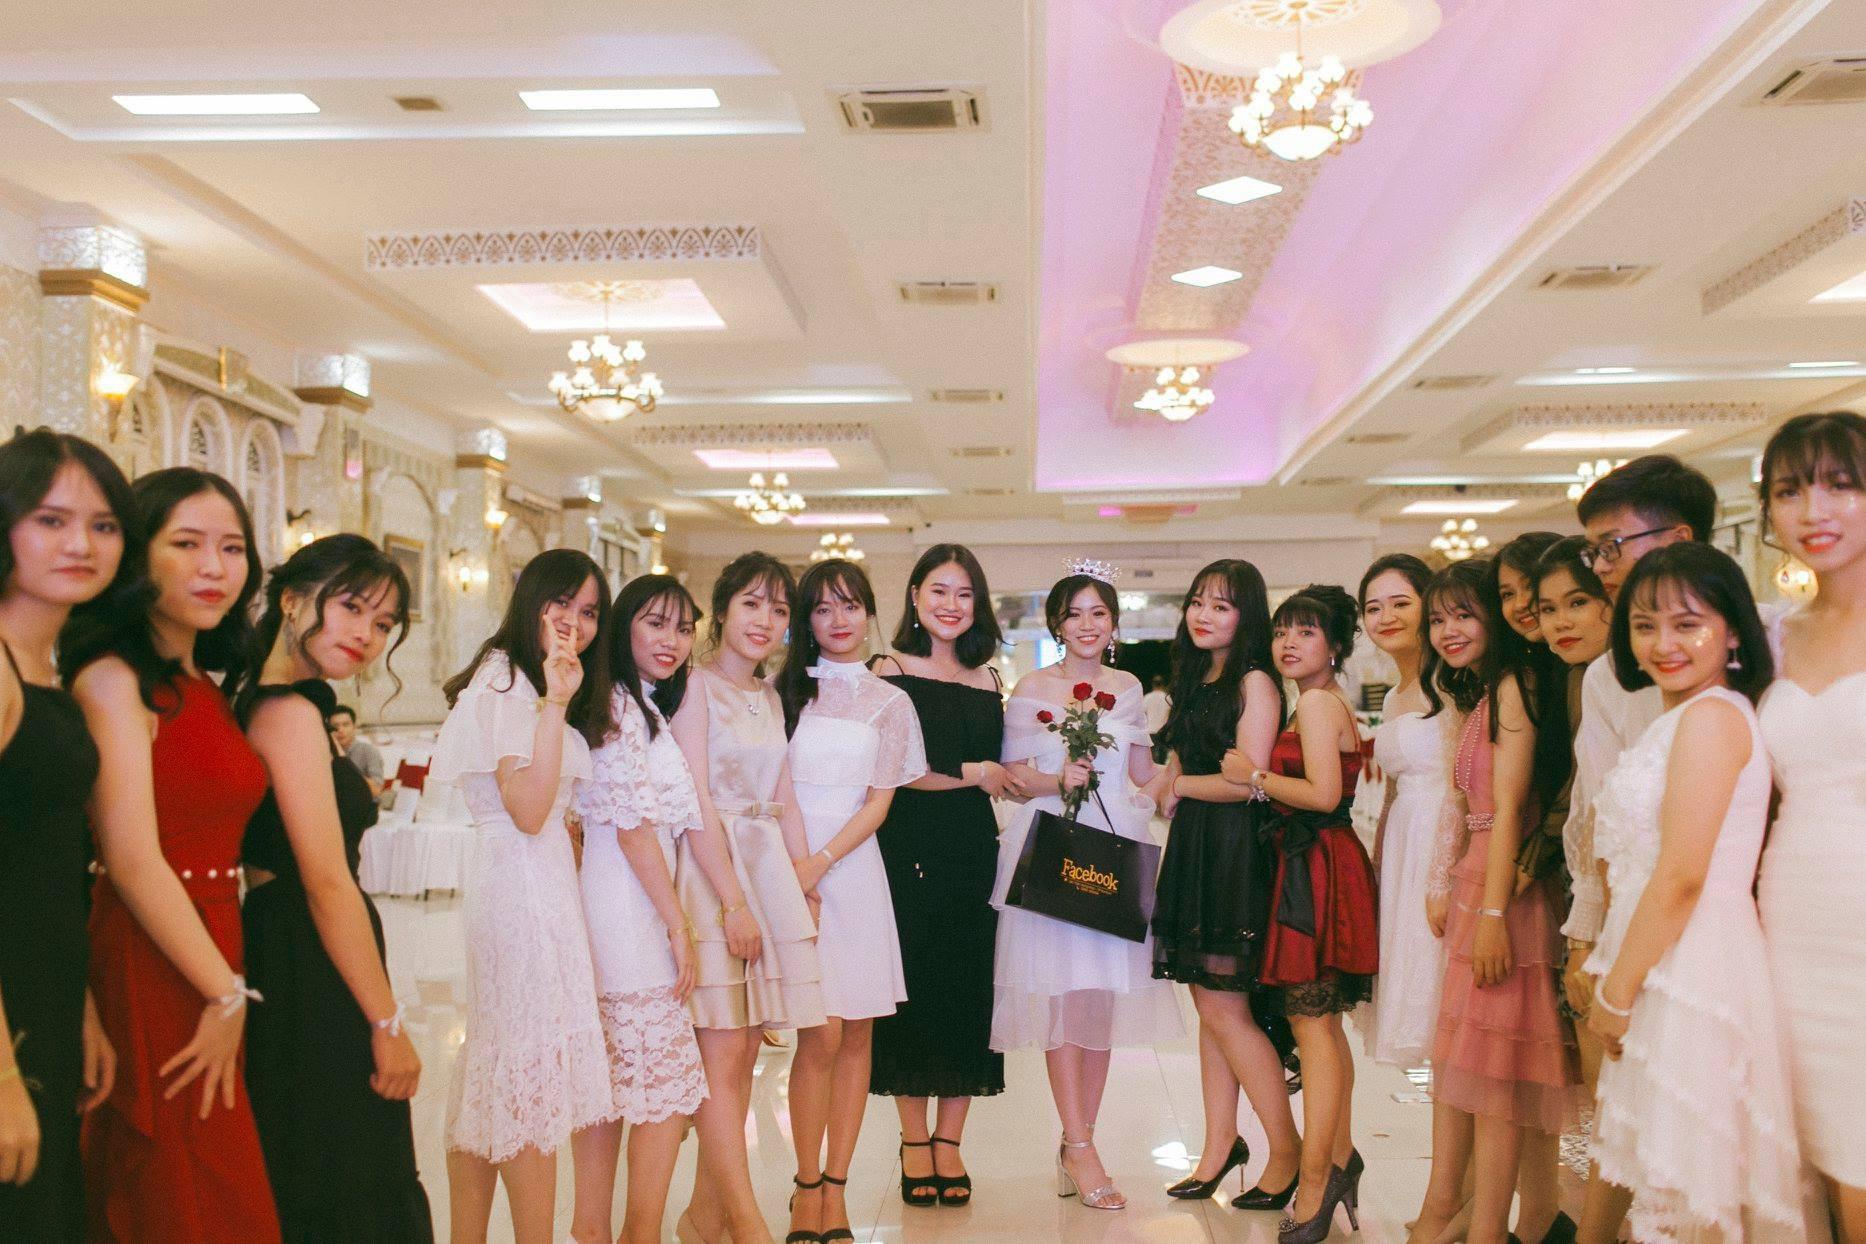 Không chỉ RMIT, trường chuyên phố núi Kon Tum cũng khiến chúng ta đã mắt với dàn trai xinh gái đẹp trong tiệc prom - Ảnh 13.